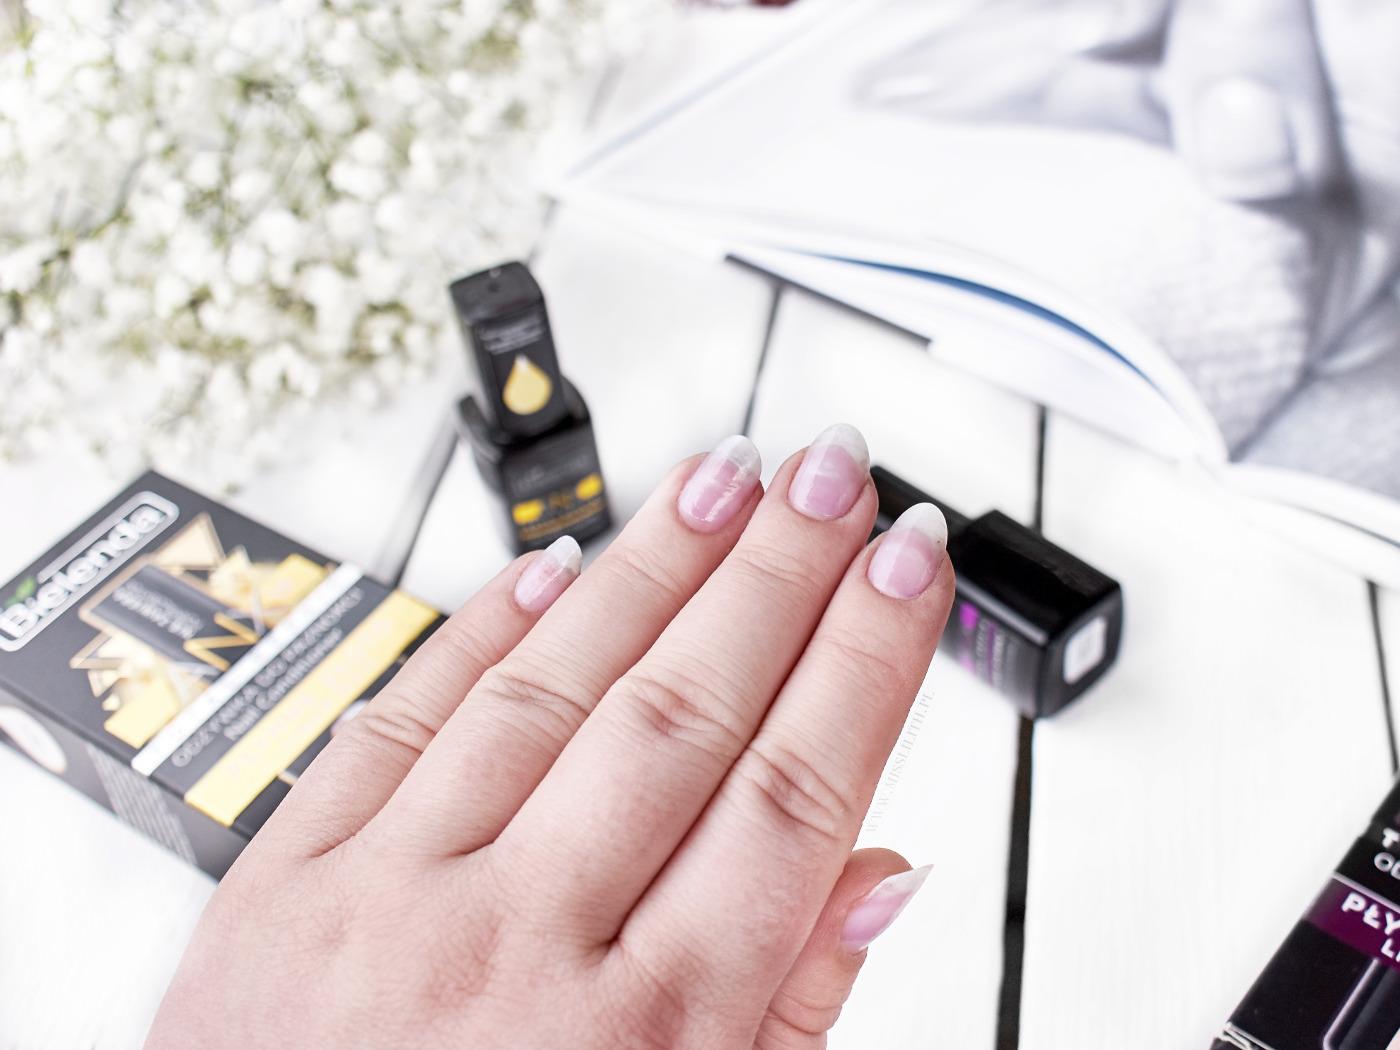 bielenda odżywka do paznokci anx10 total repair płynne złoto płynny diament opinie blog